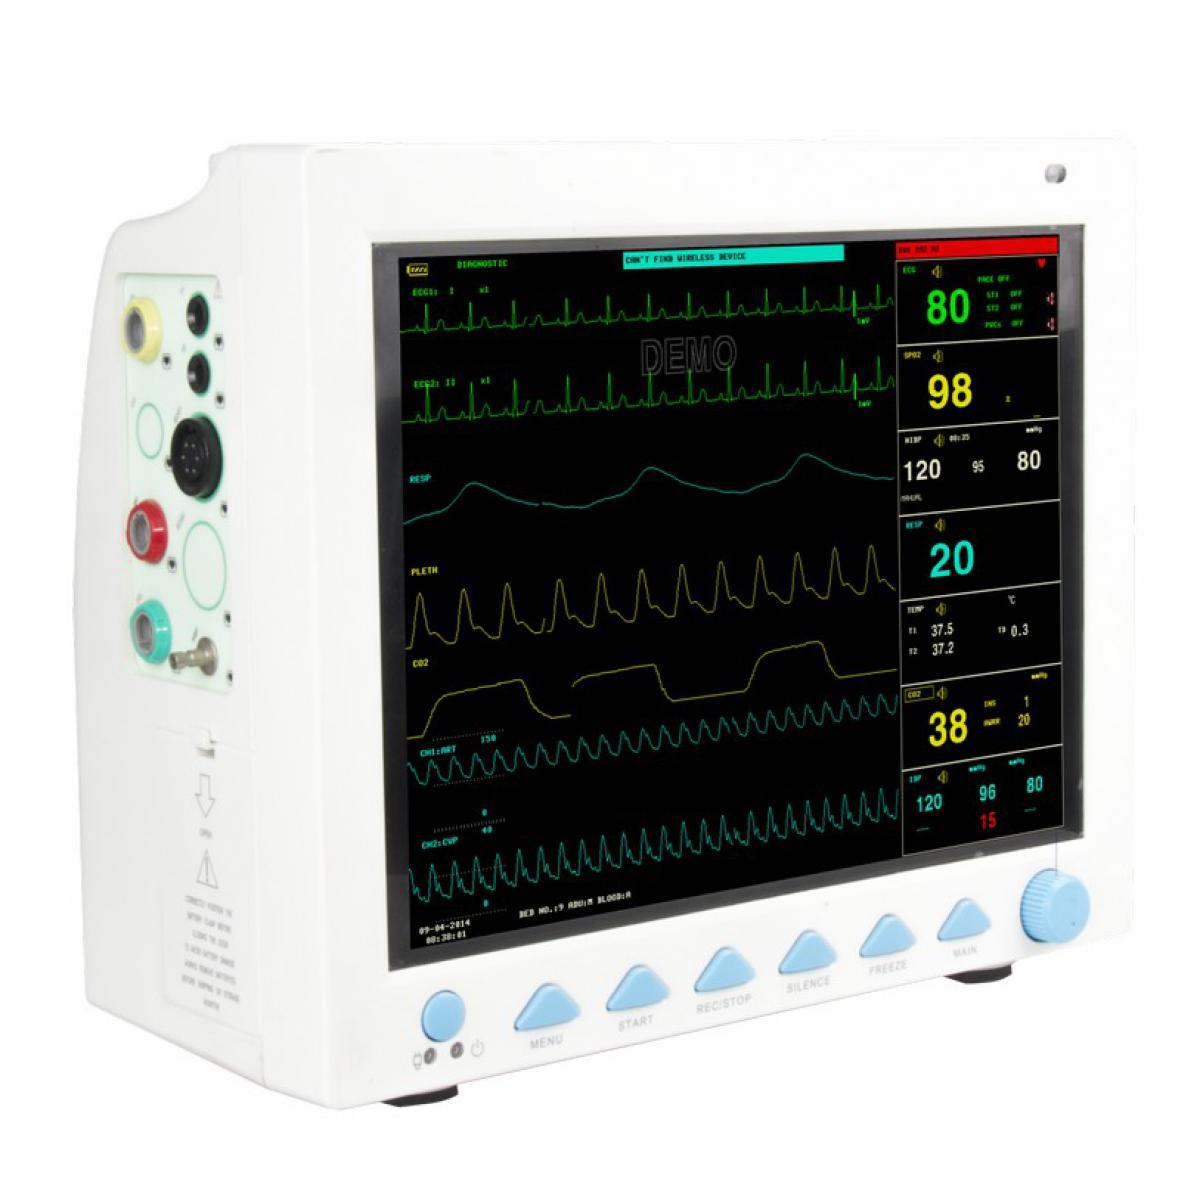 Монітор пацієнта поліфункціональний з неінвазивним вимірюванням гемодинаміки